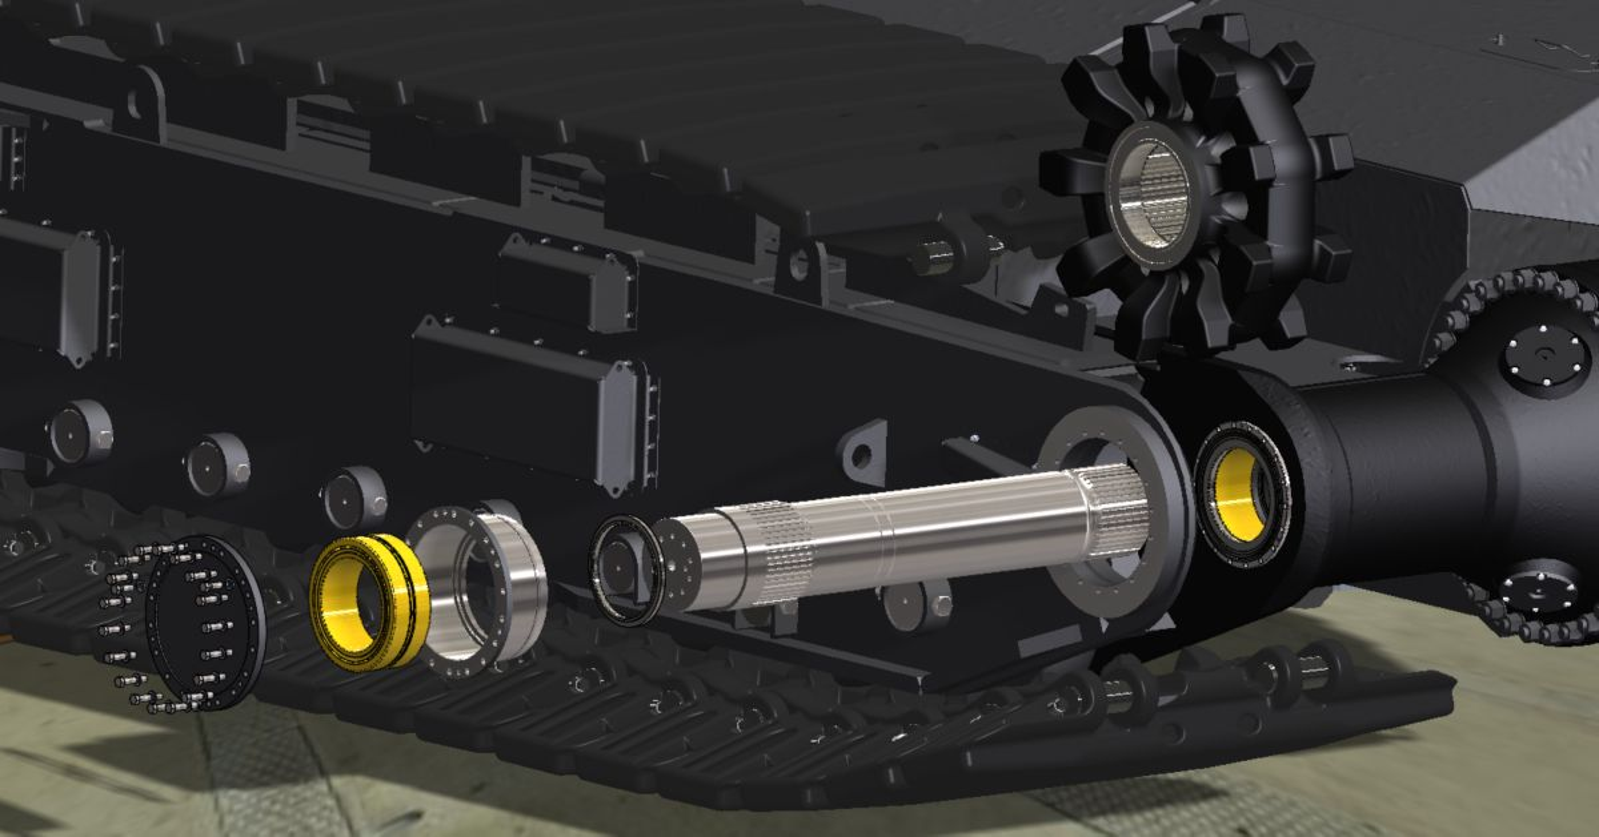 Cat shovel propel upgrade components